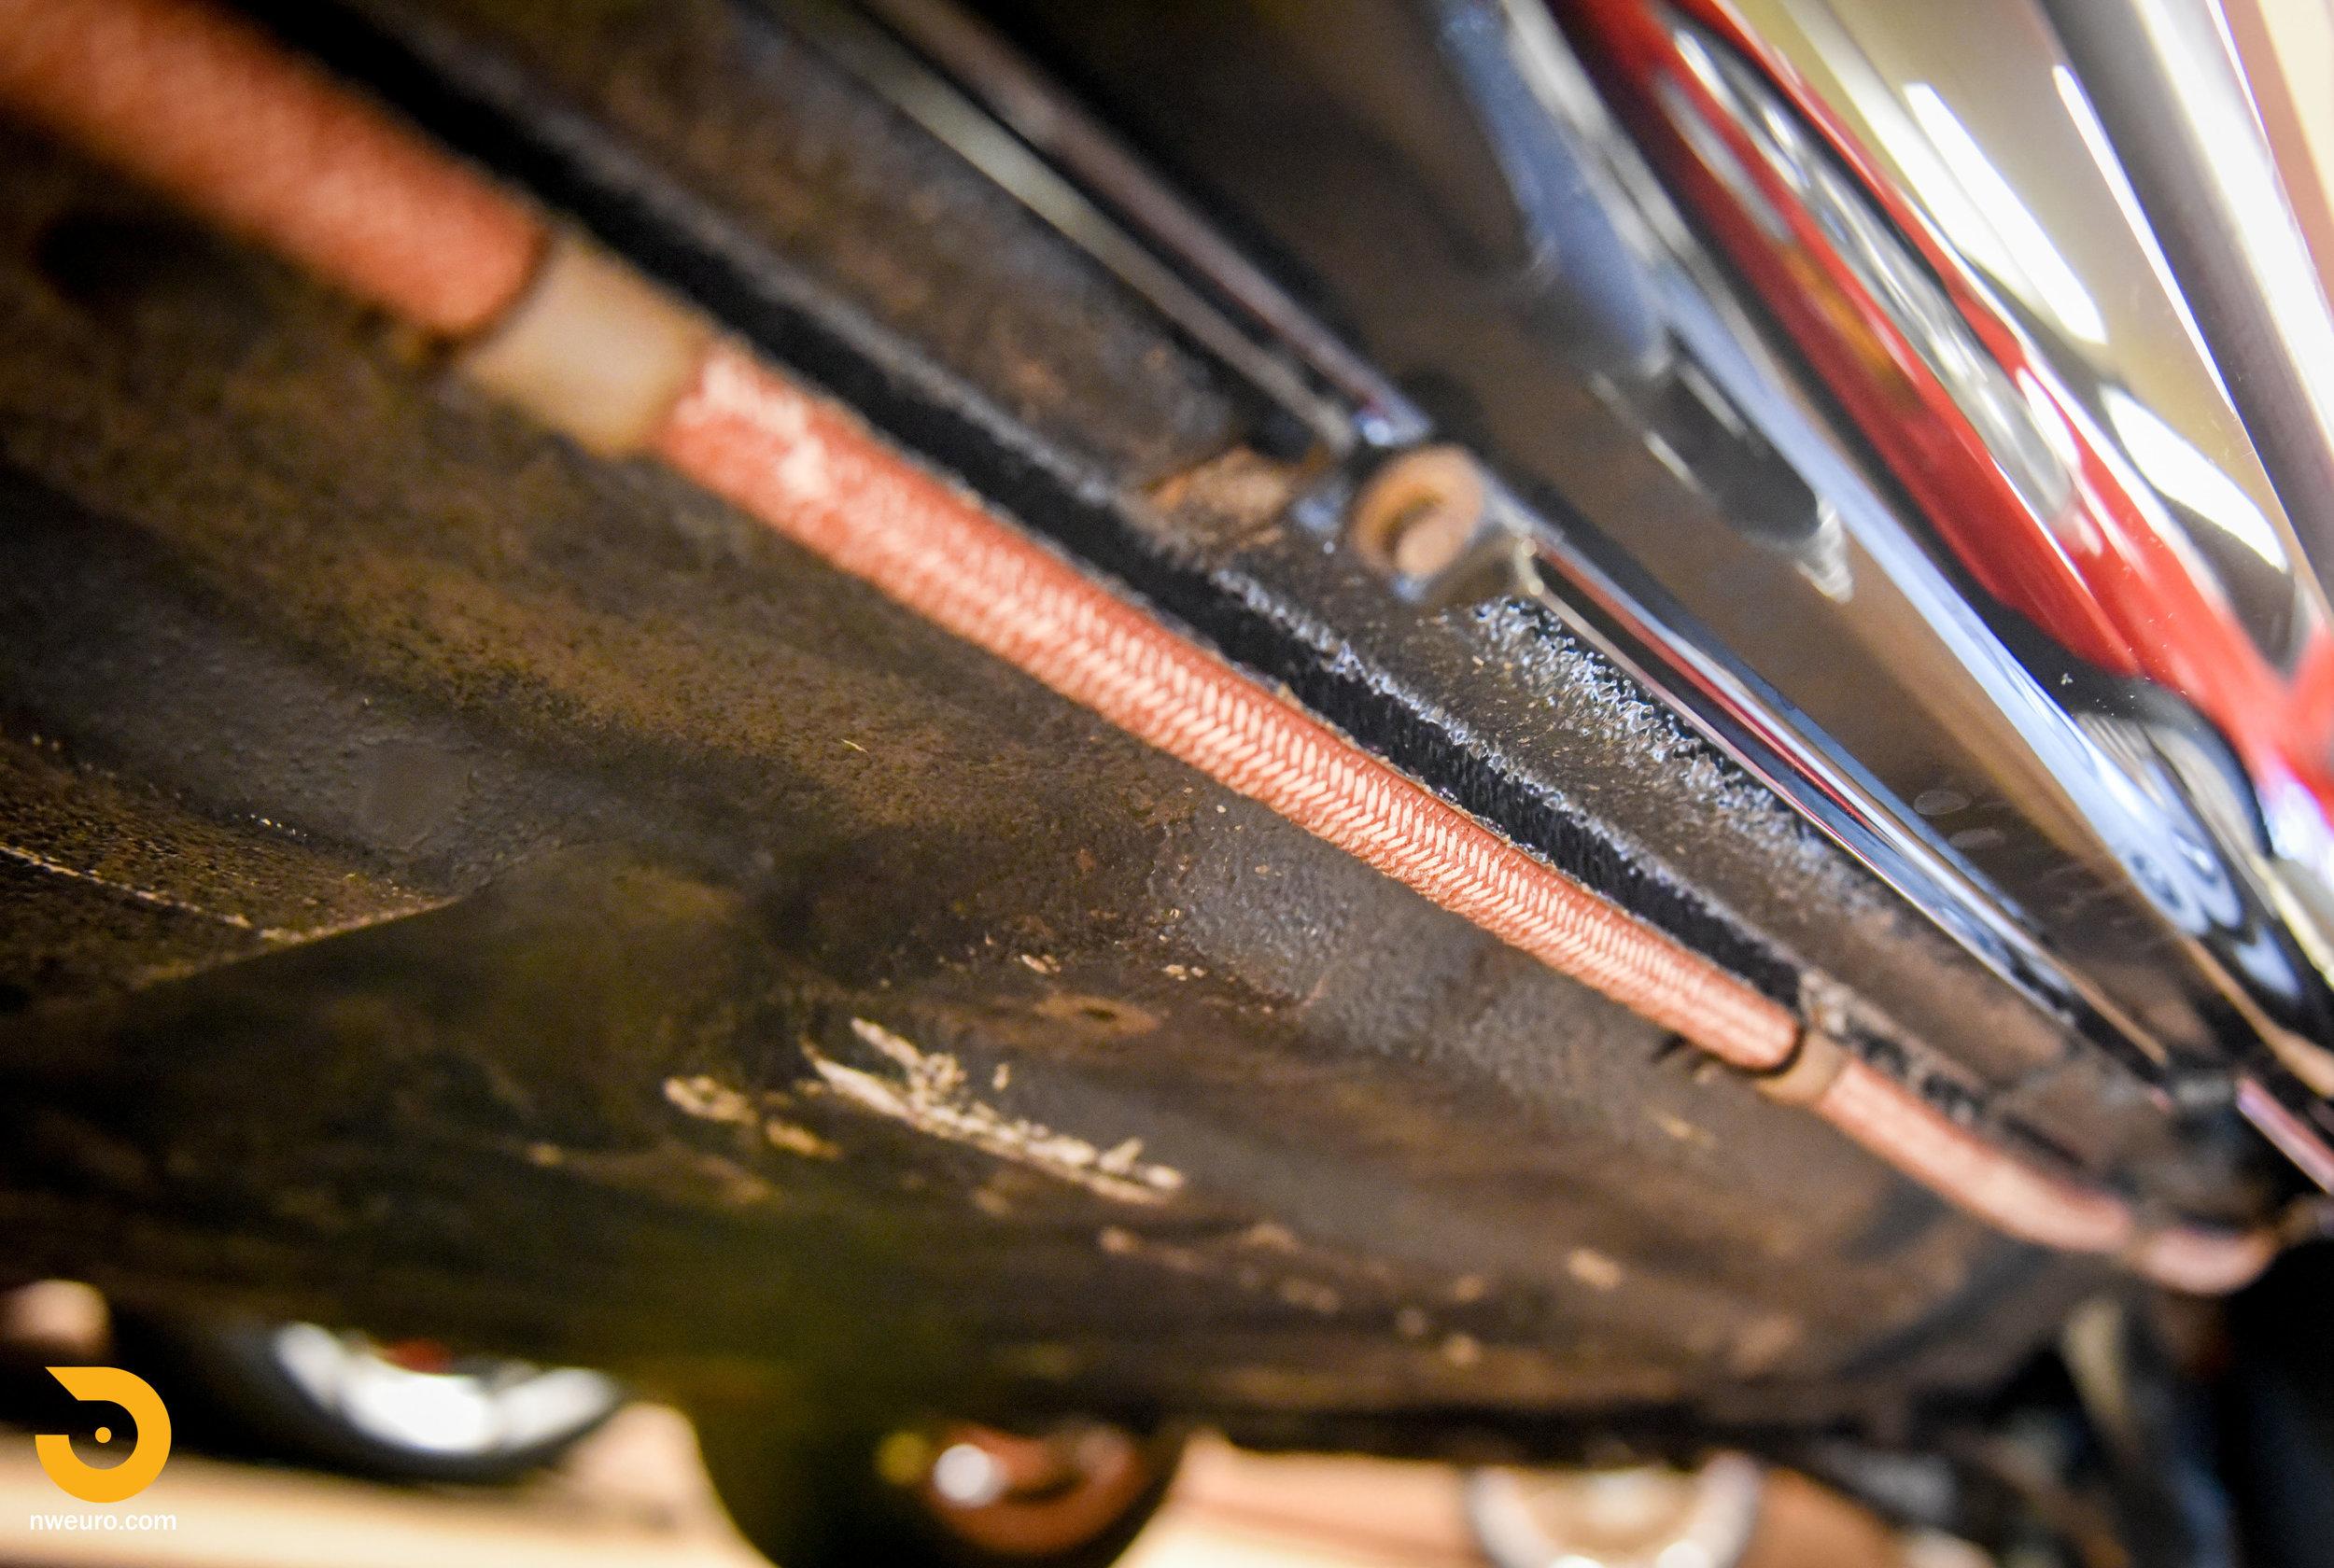 1975 Porshce Carrera Targa Underside-5.jpg